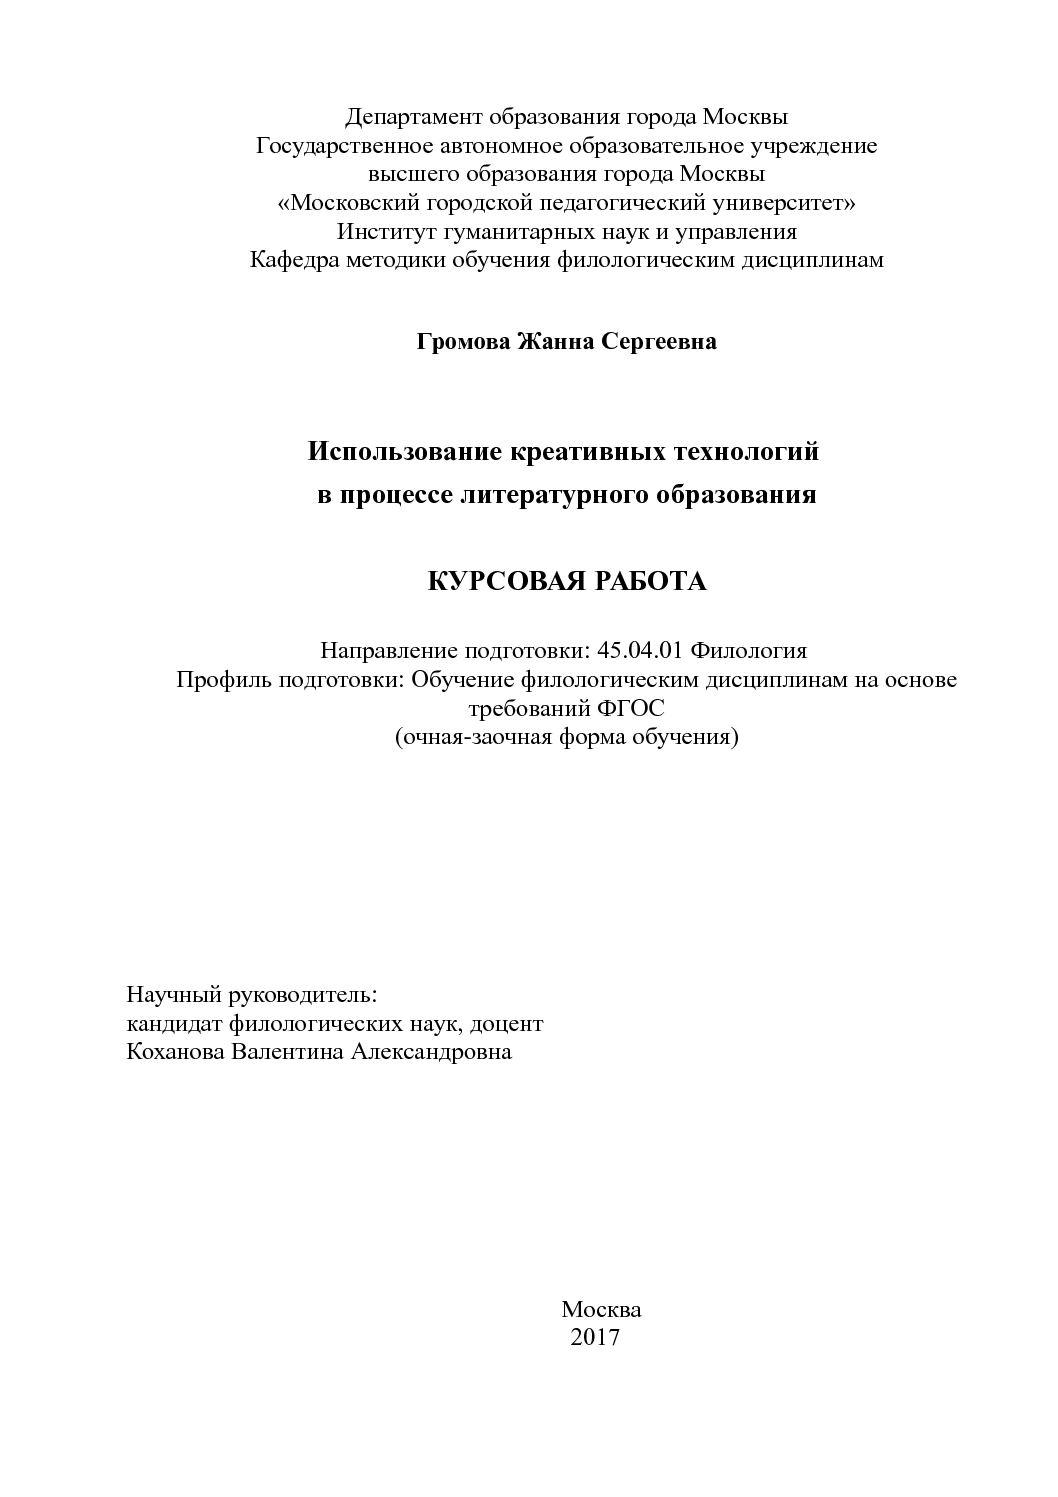 Девушка модель компетенций курсовая работа работа модели для выставок в москве